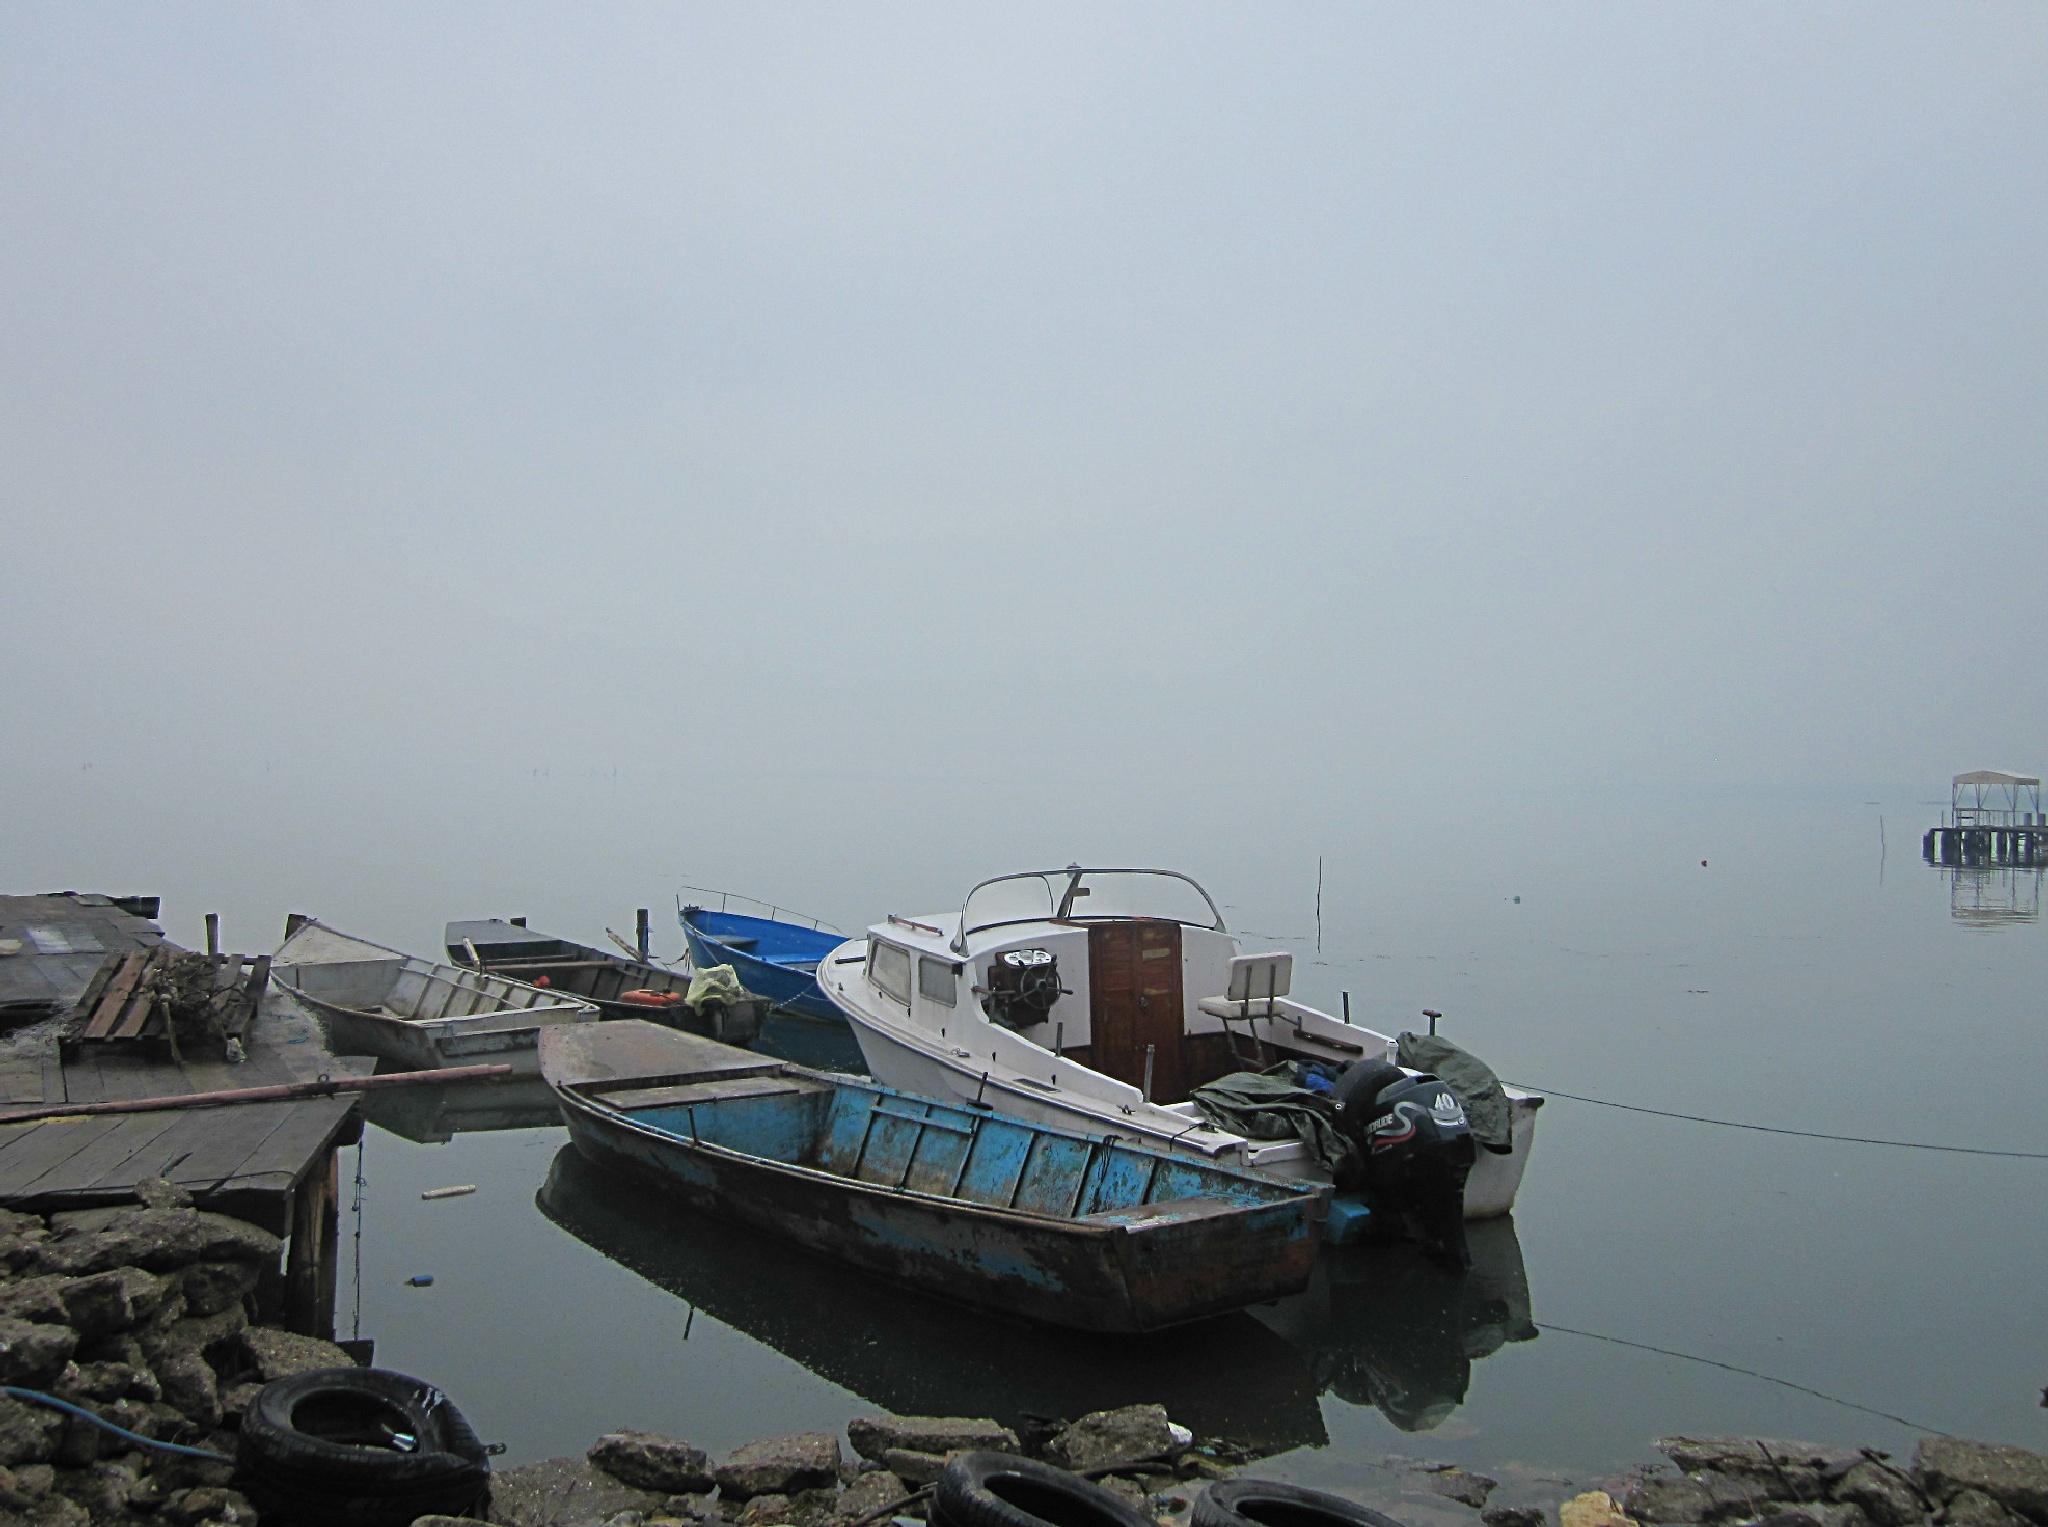 One usual misty day on the Danube by Marija Konjik